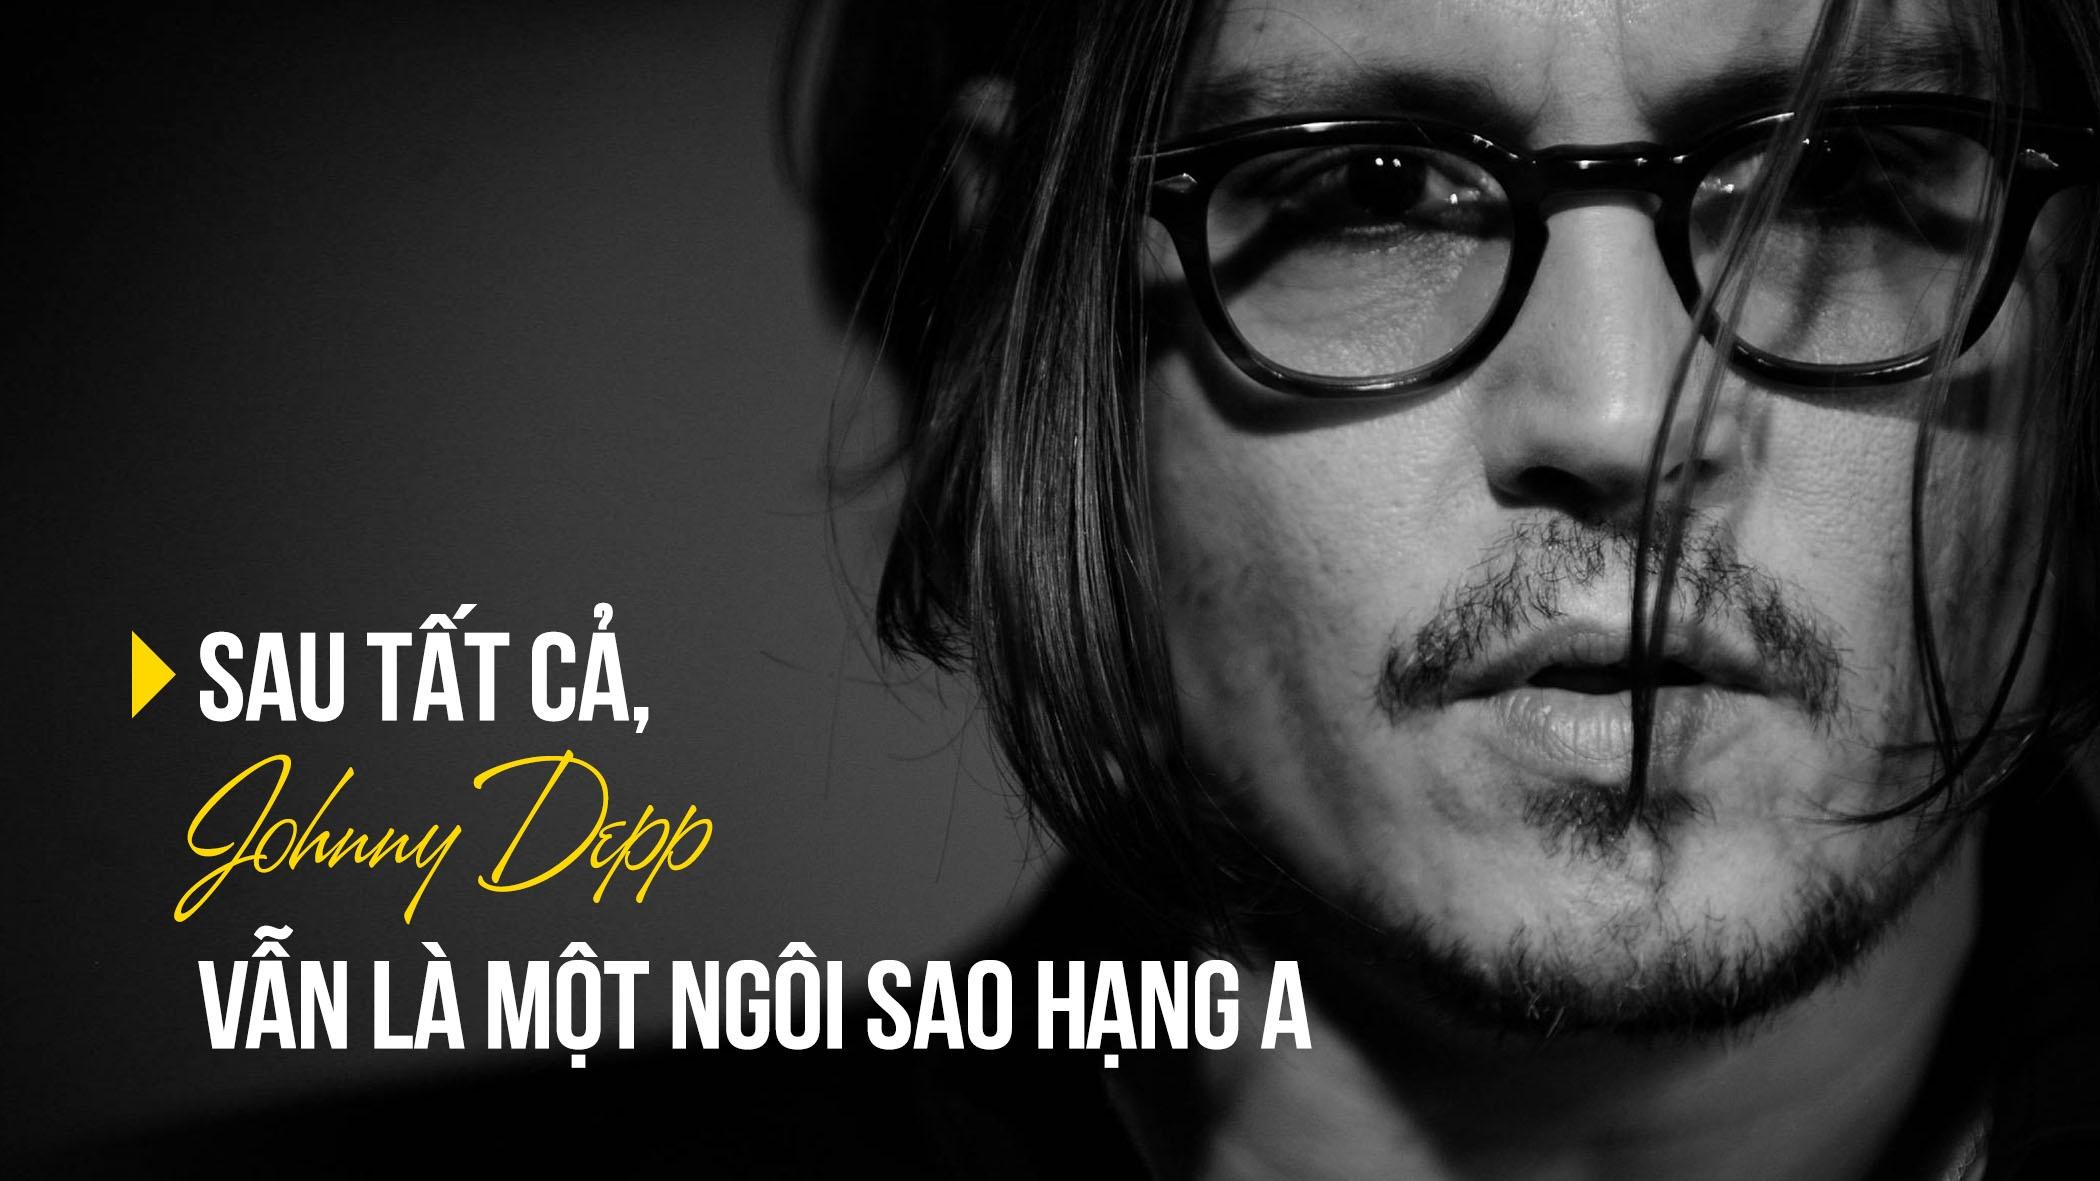 Sau tat ca, Johnny Depp van la mot ngoi sao hang A hinh anh 1